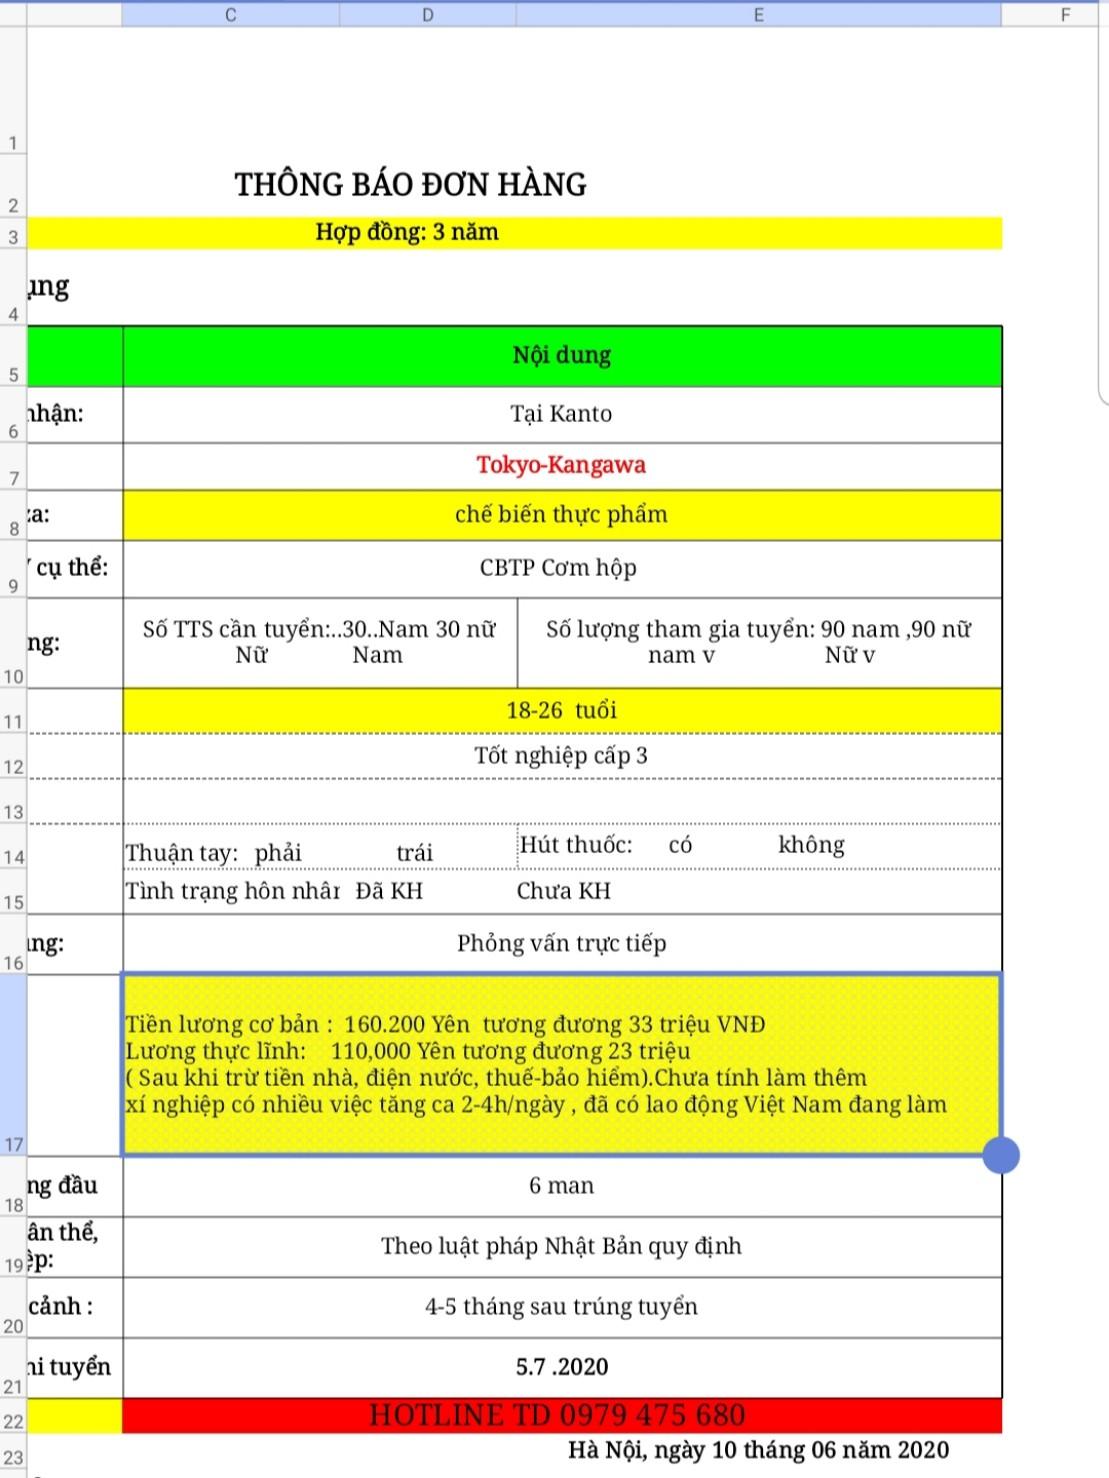 file chi tiết đơn hàng